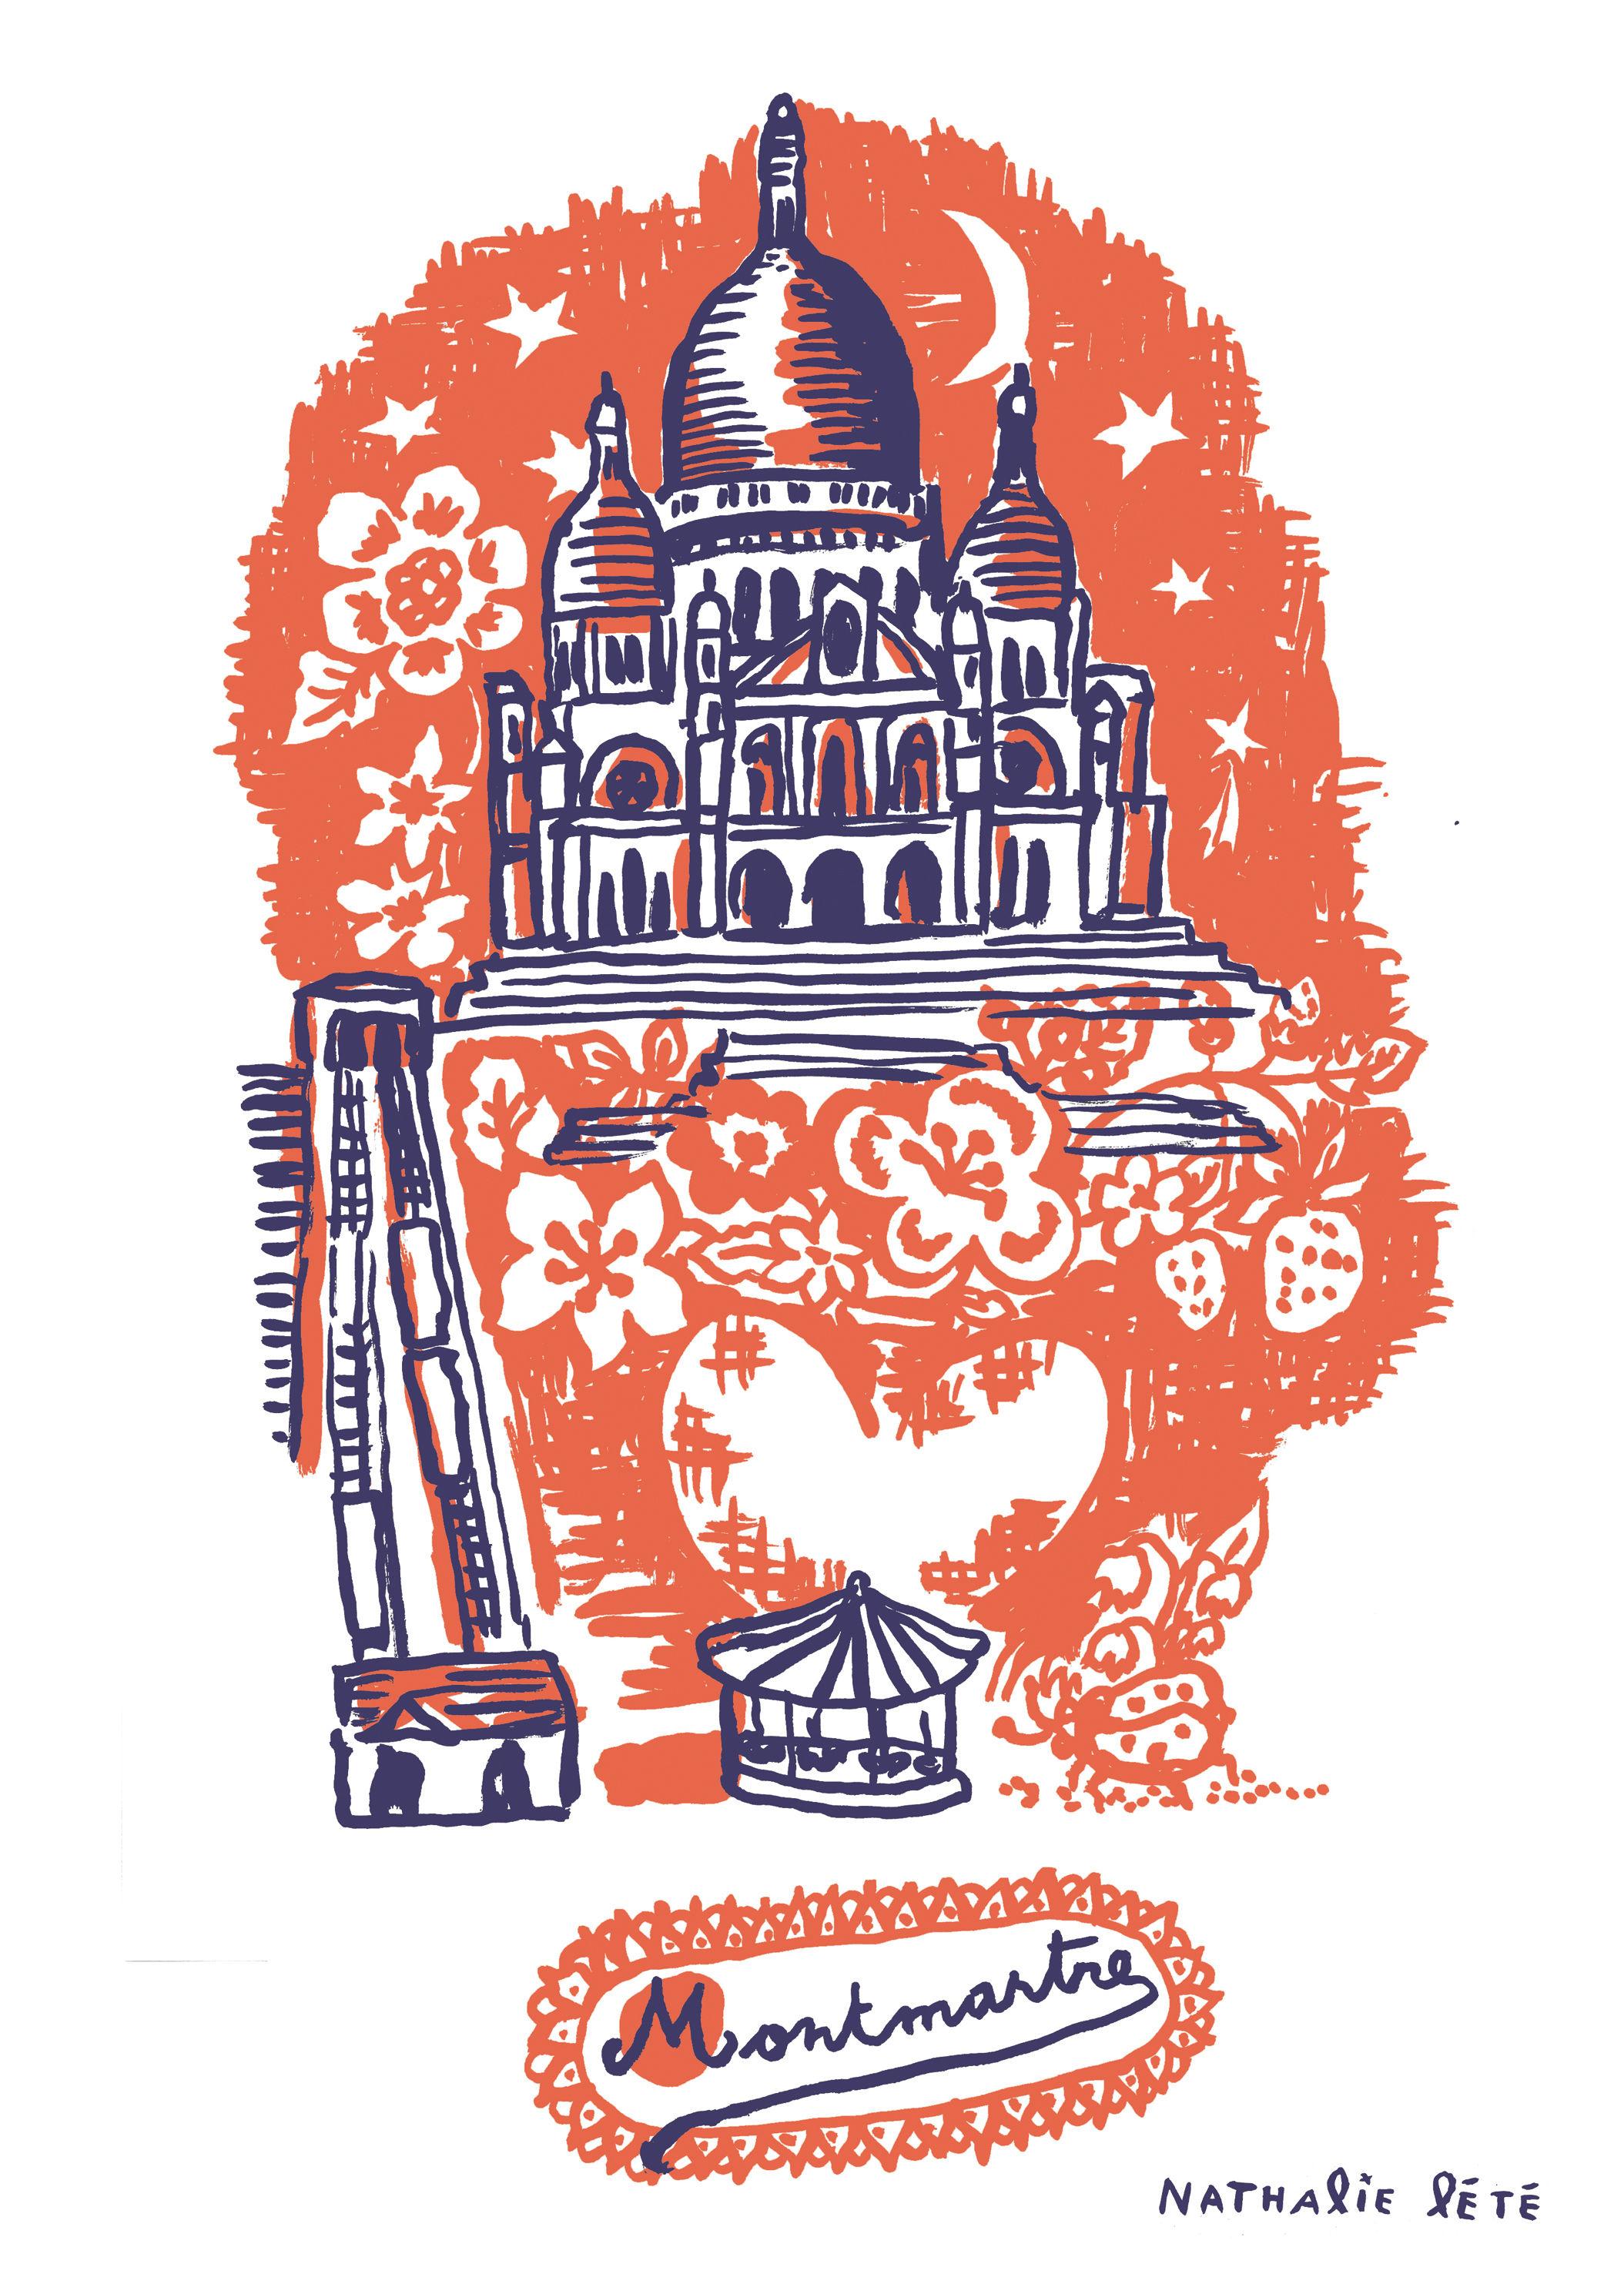 Interni - Per bambini - Sticker Montmartre - 25 x 35 cm di Domestic - Arancione - Vinile